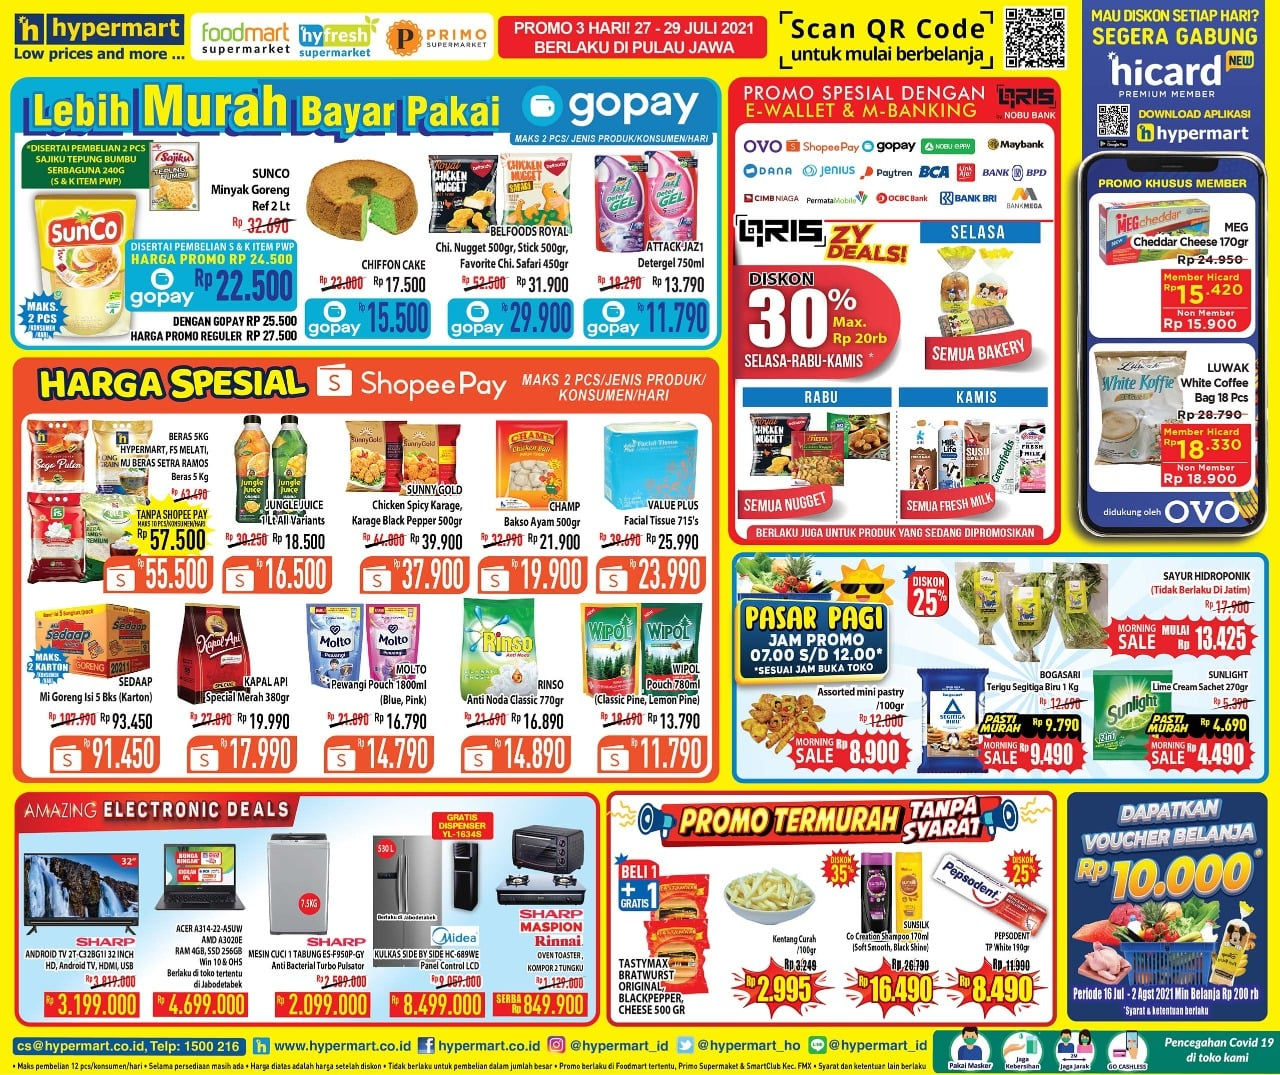 Katalog Hypermart Promo Weekday periode 27-29 Juli 2021